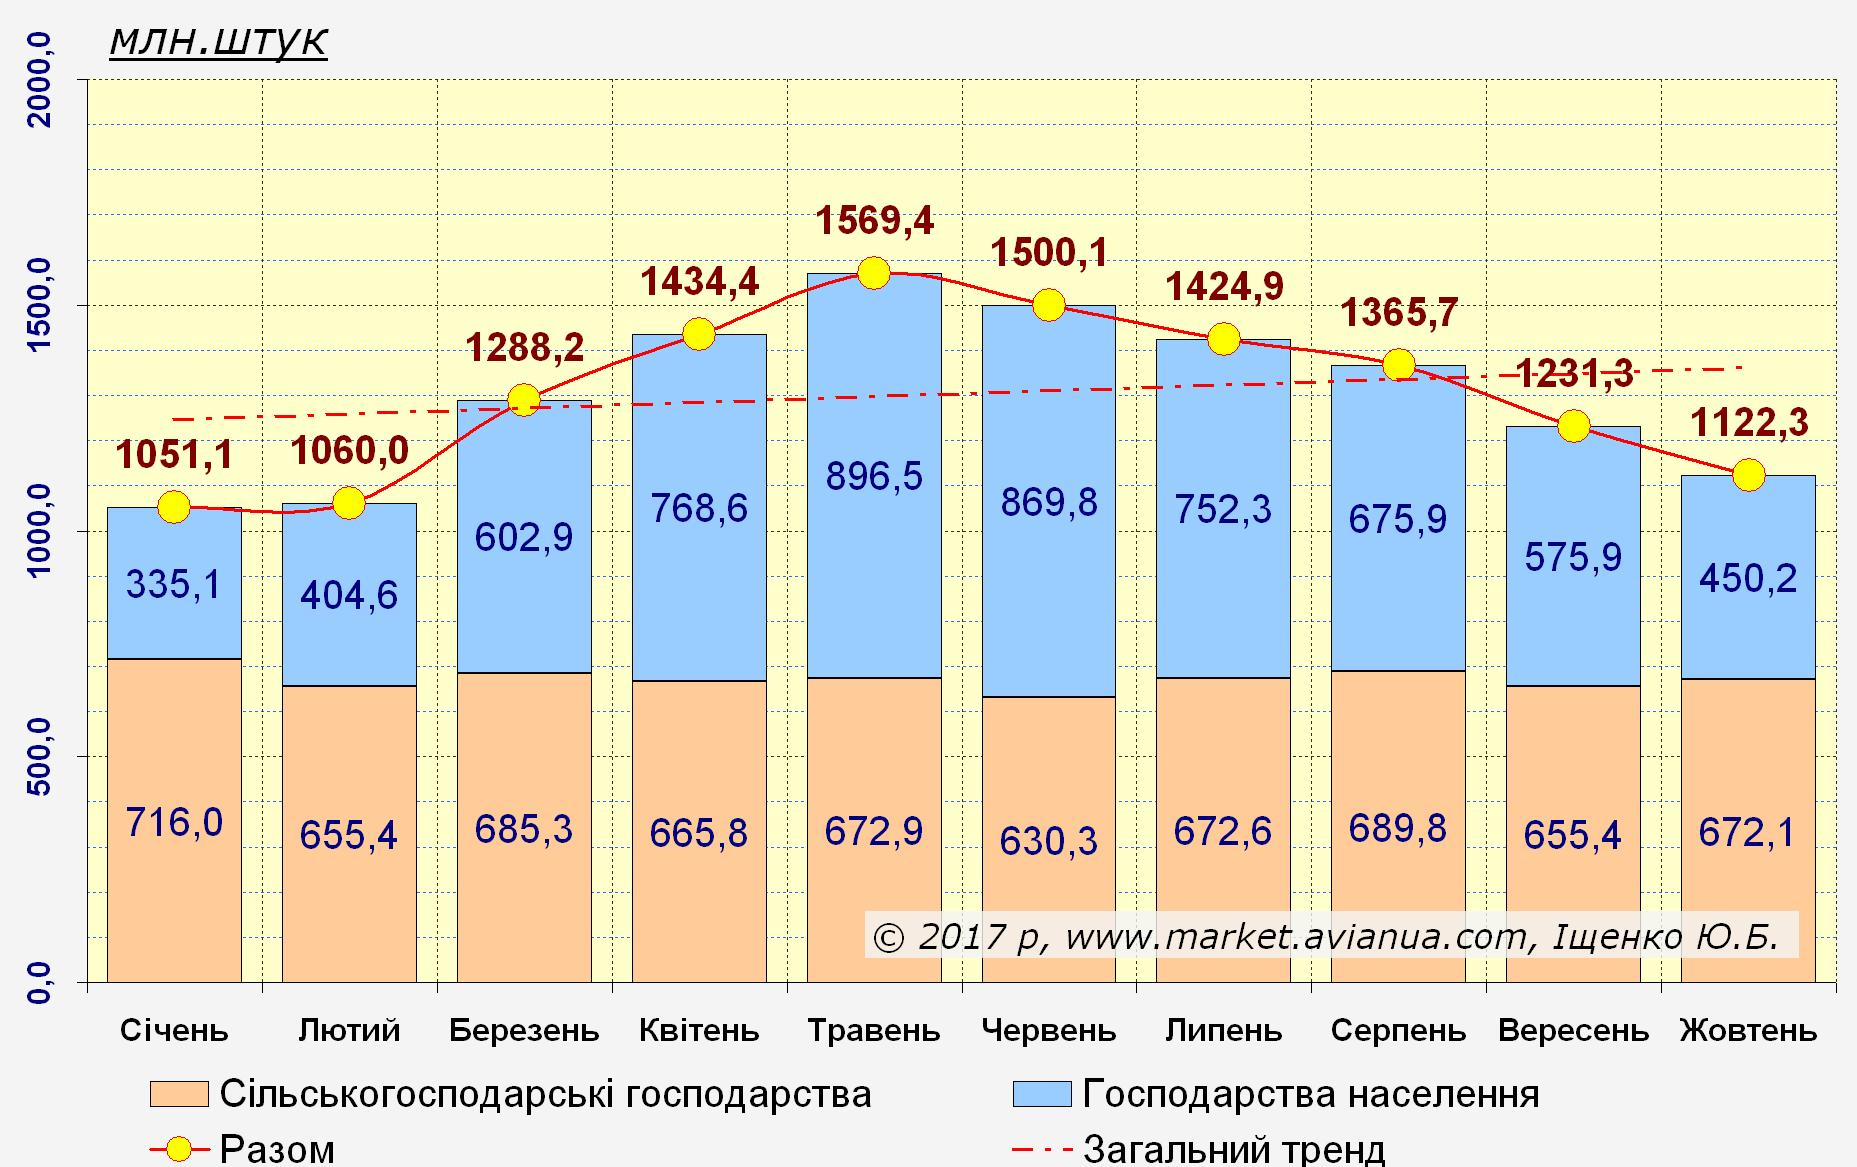 Щомісячне виробництво яєць від птиці усіх видів за усіма категоріями господарств України станом на 1 листопада 2016 року